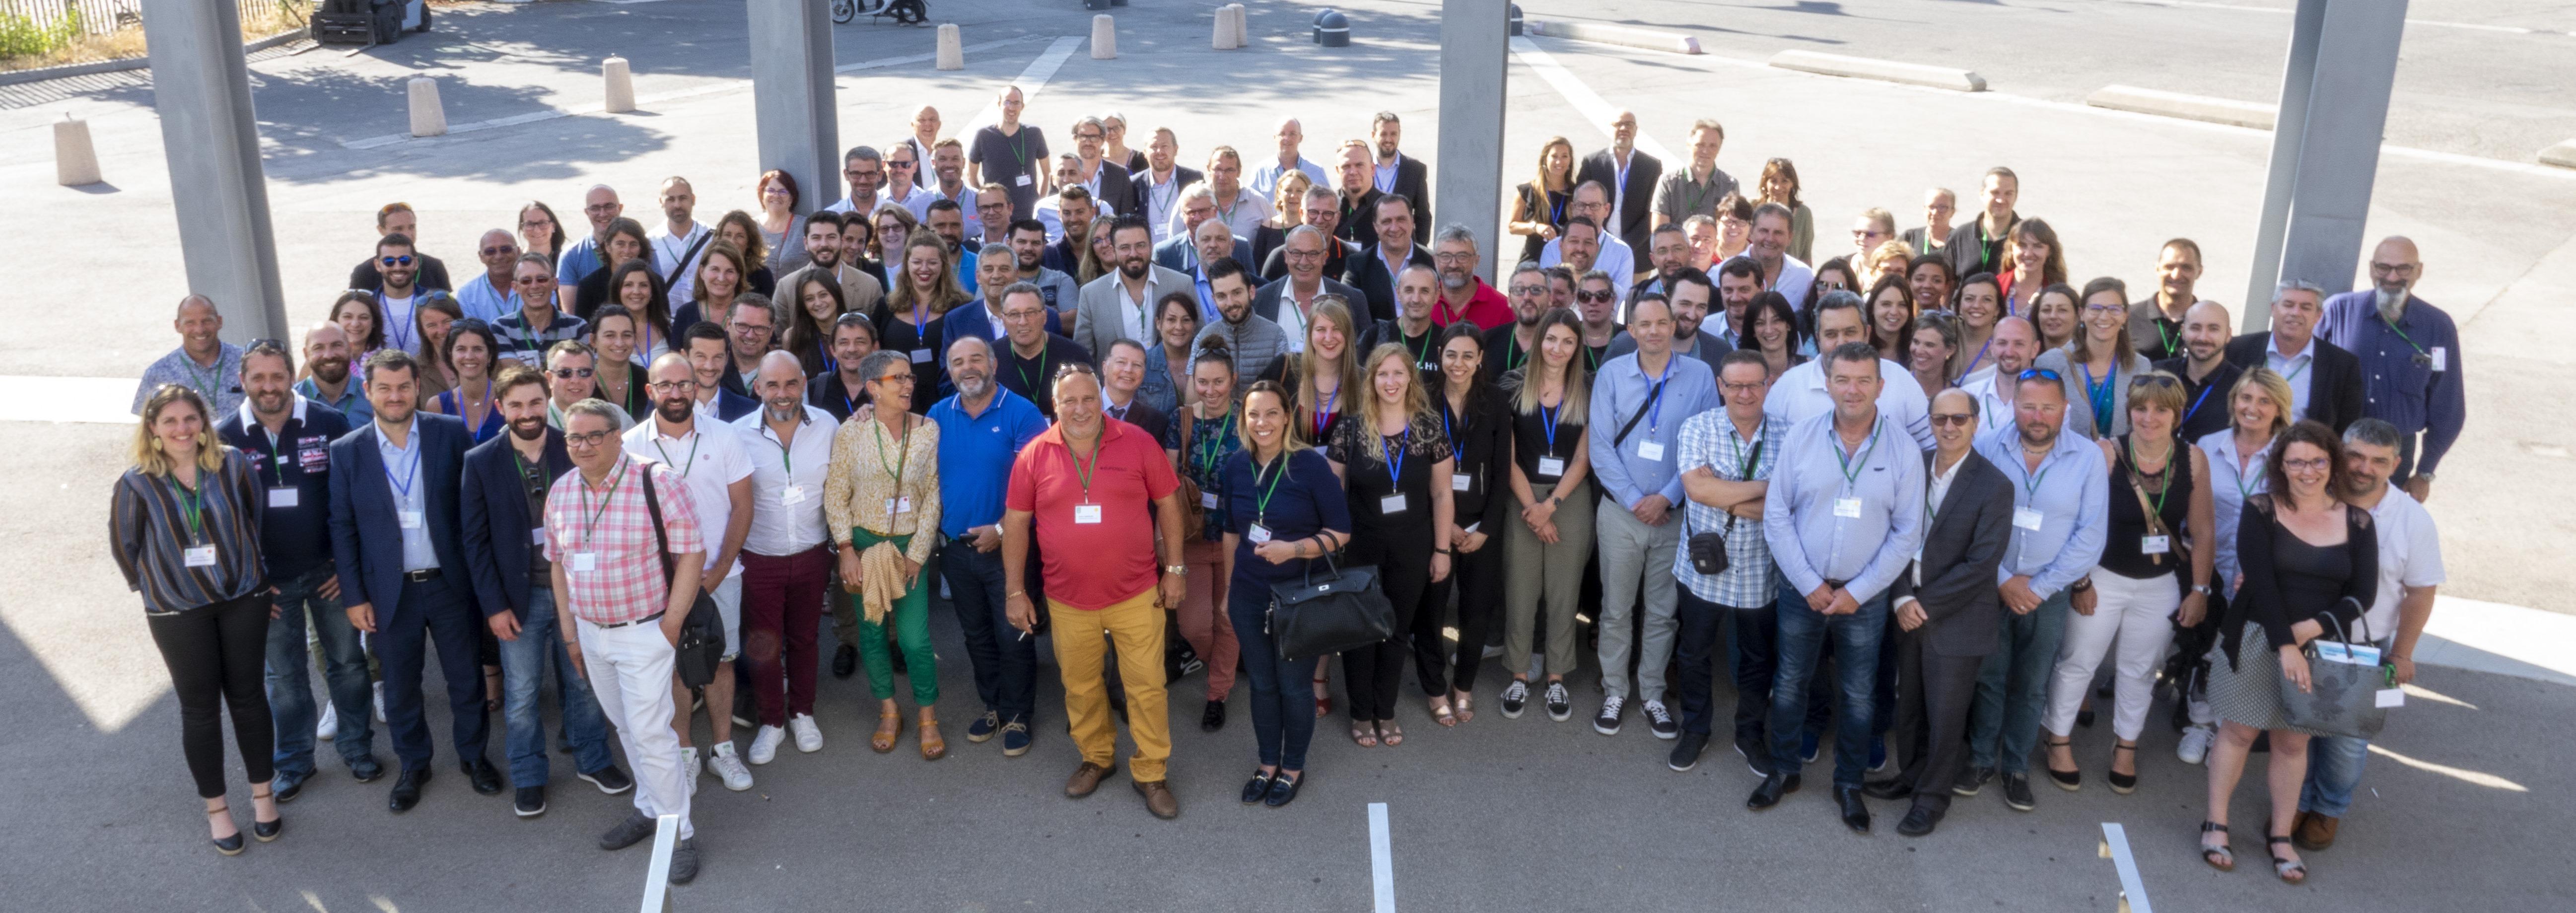 Convention Carius 2019 : une journée placée sous le signe du «travailler ensemble» !